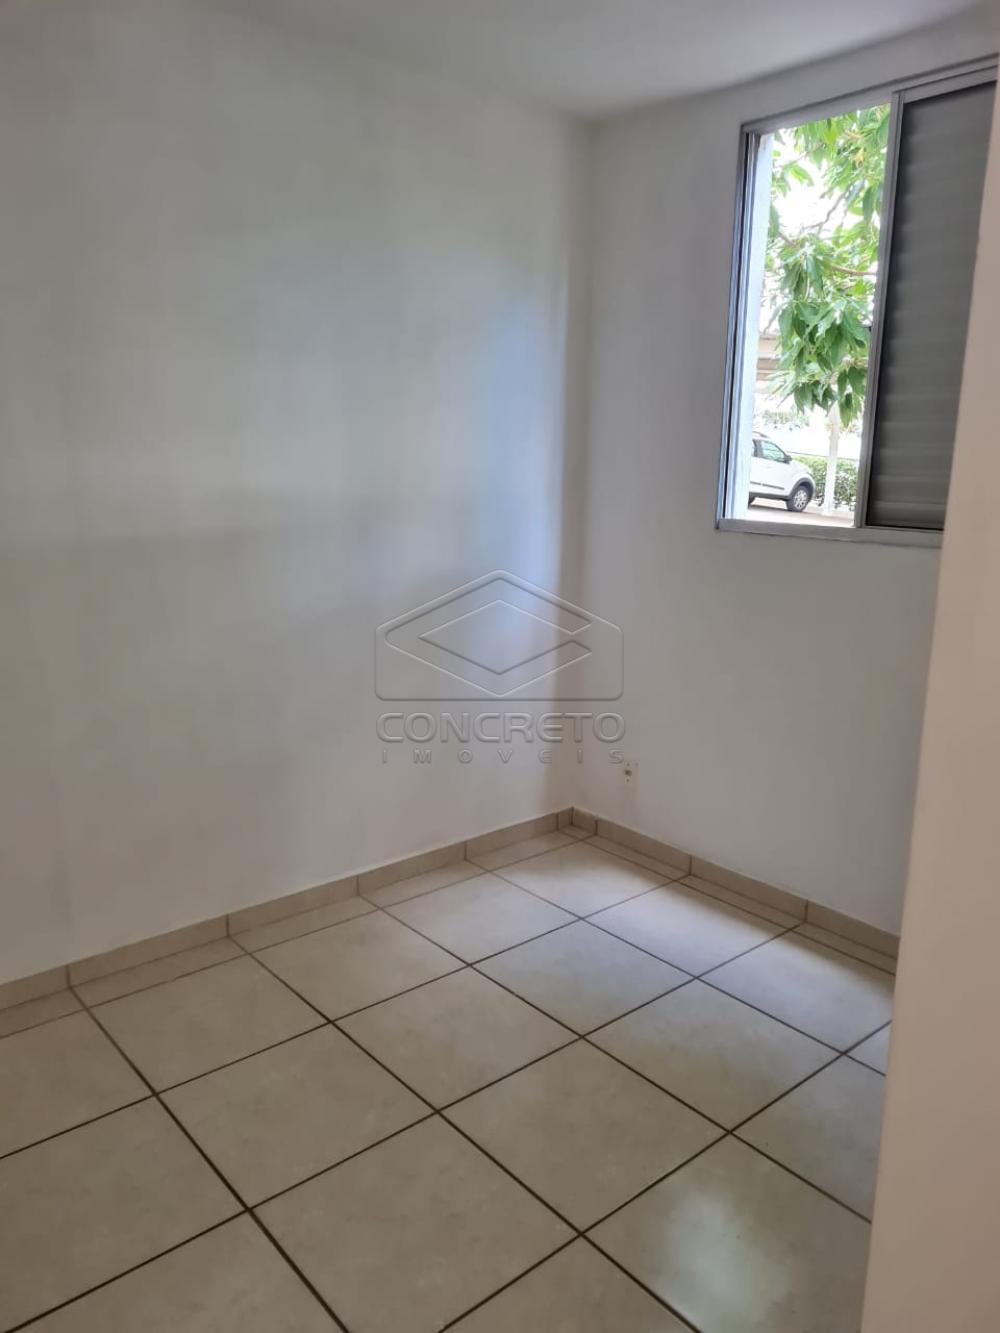 Alugar Apartamento / Padrão em Bauru apenas R$ 650,00 - Foto 10